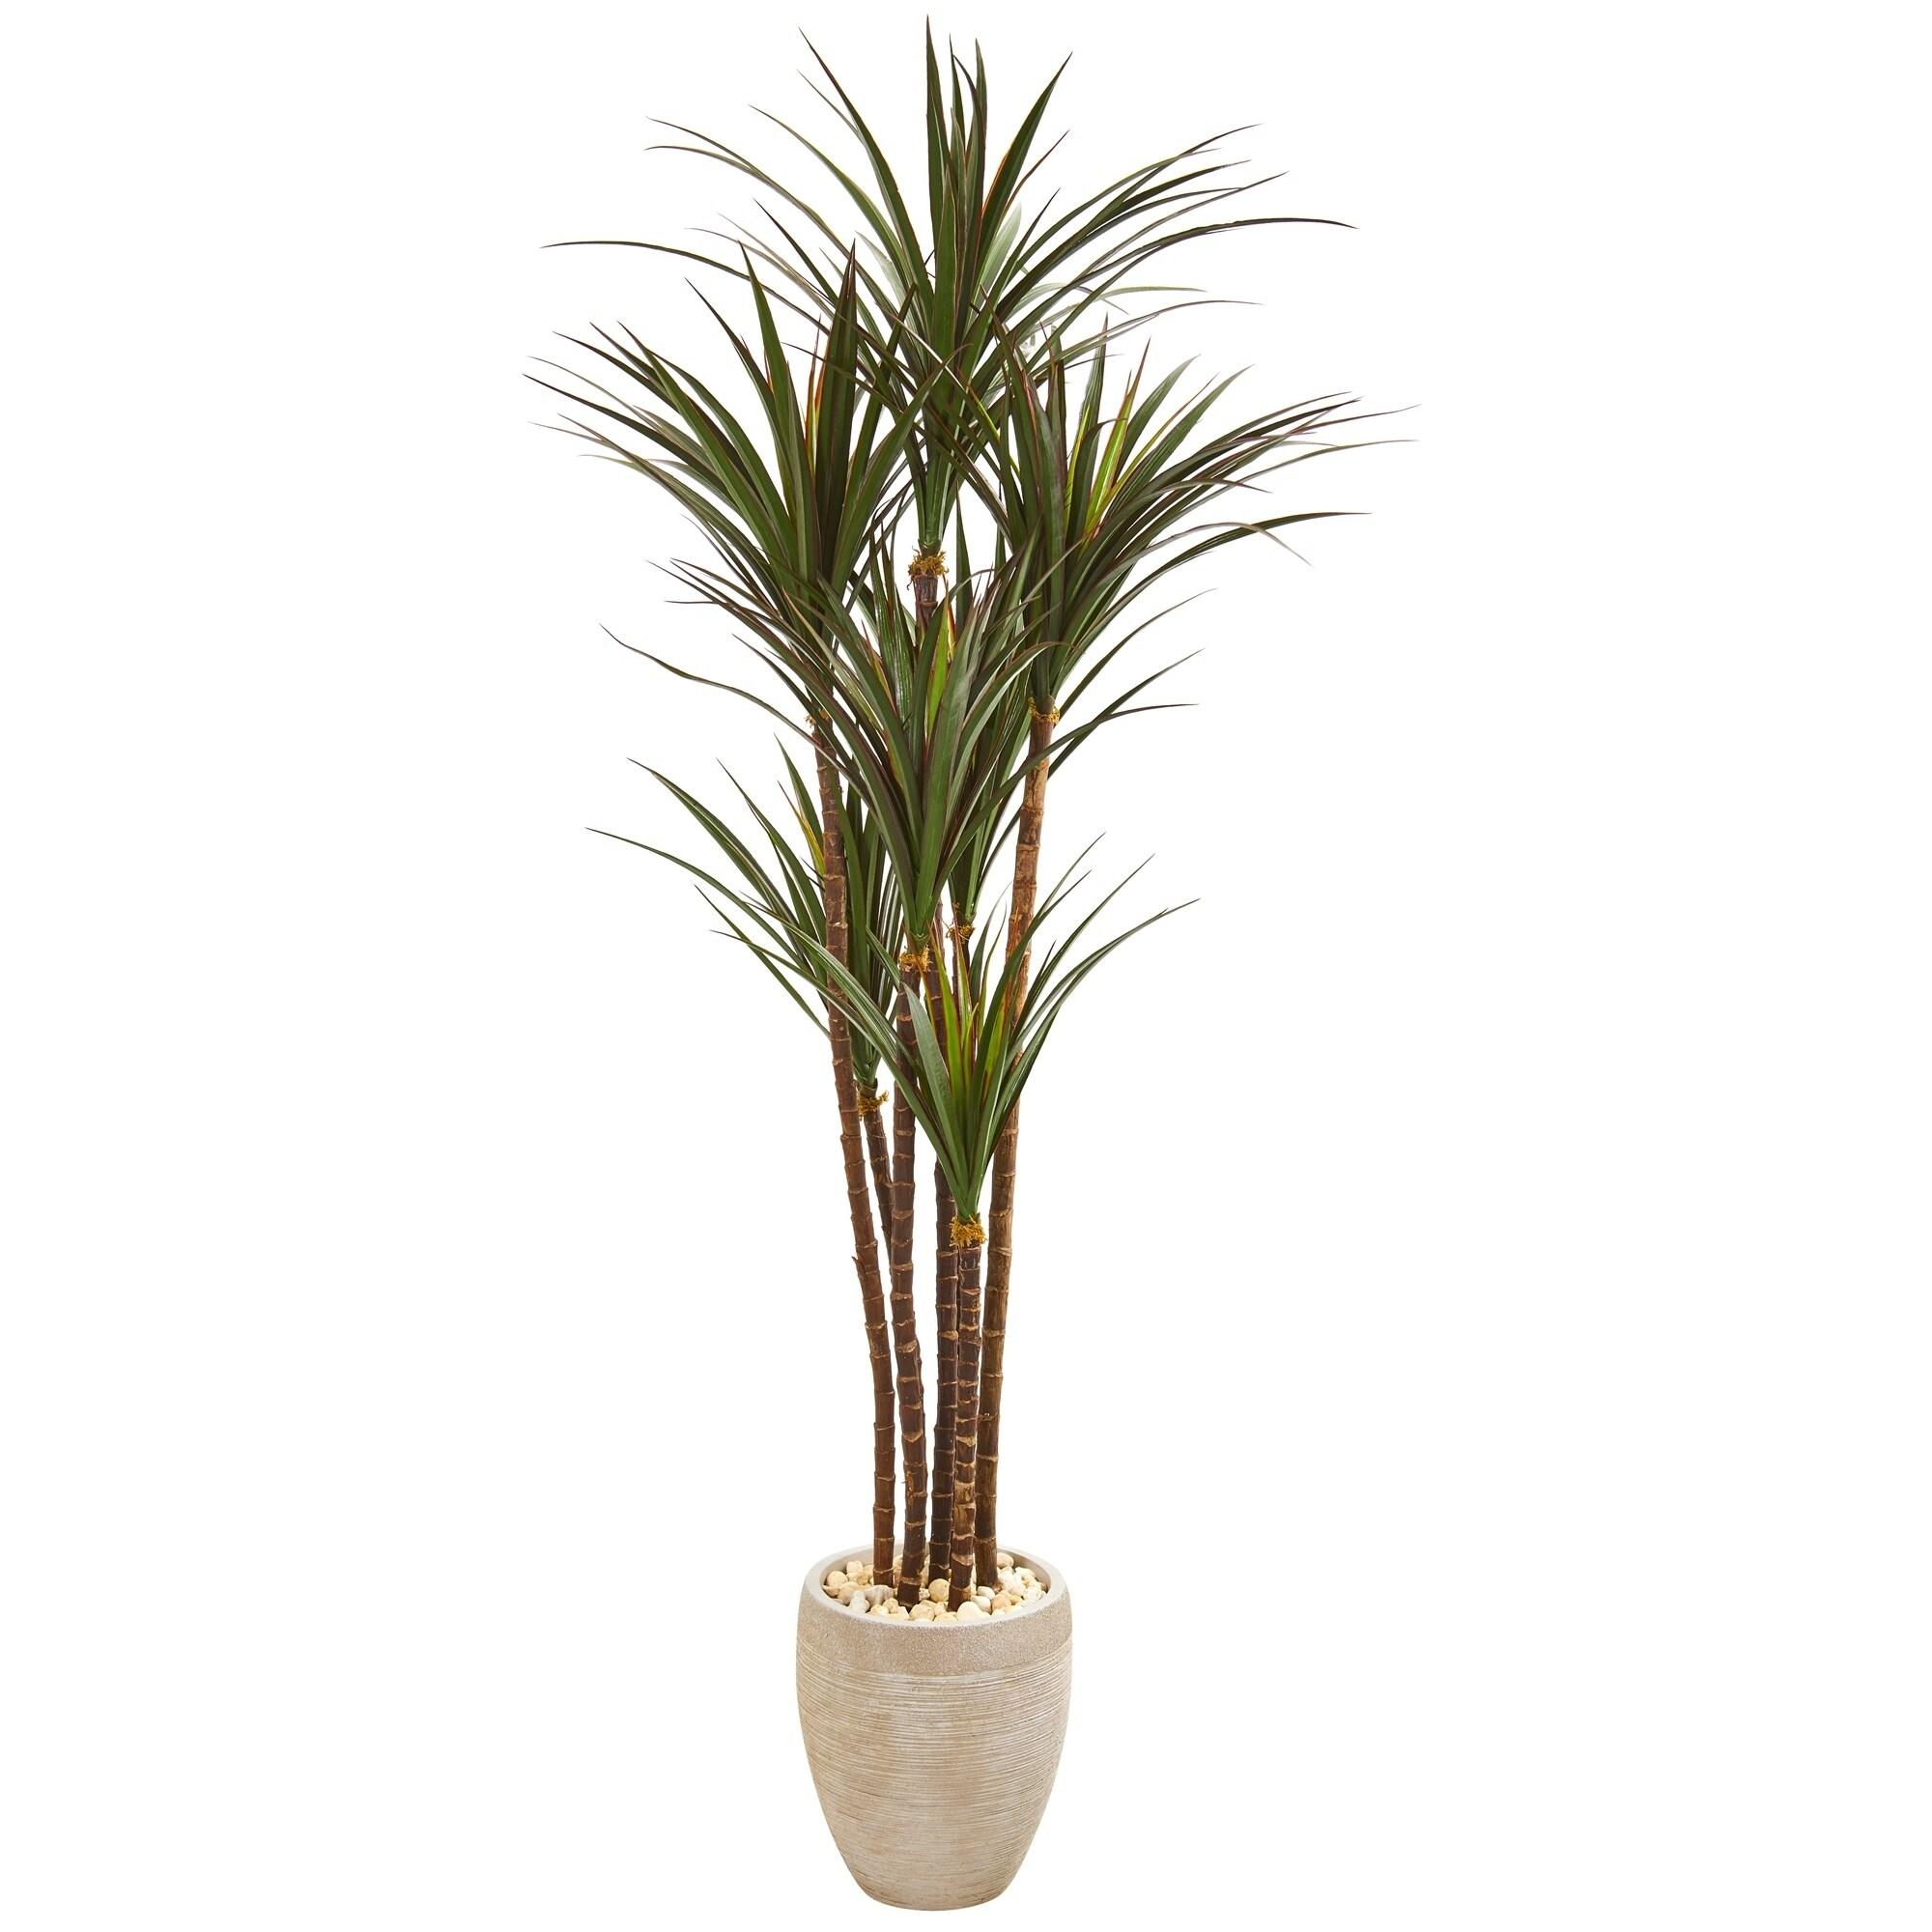 68 Giant Yucca Artificial Tree in Planter UV Resistant (Indoor/Outdoor)